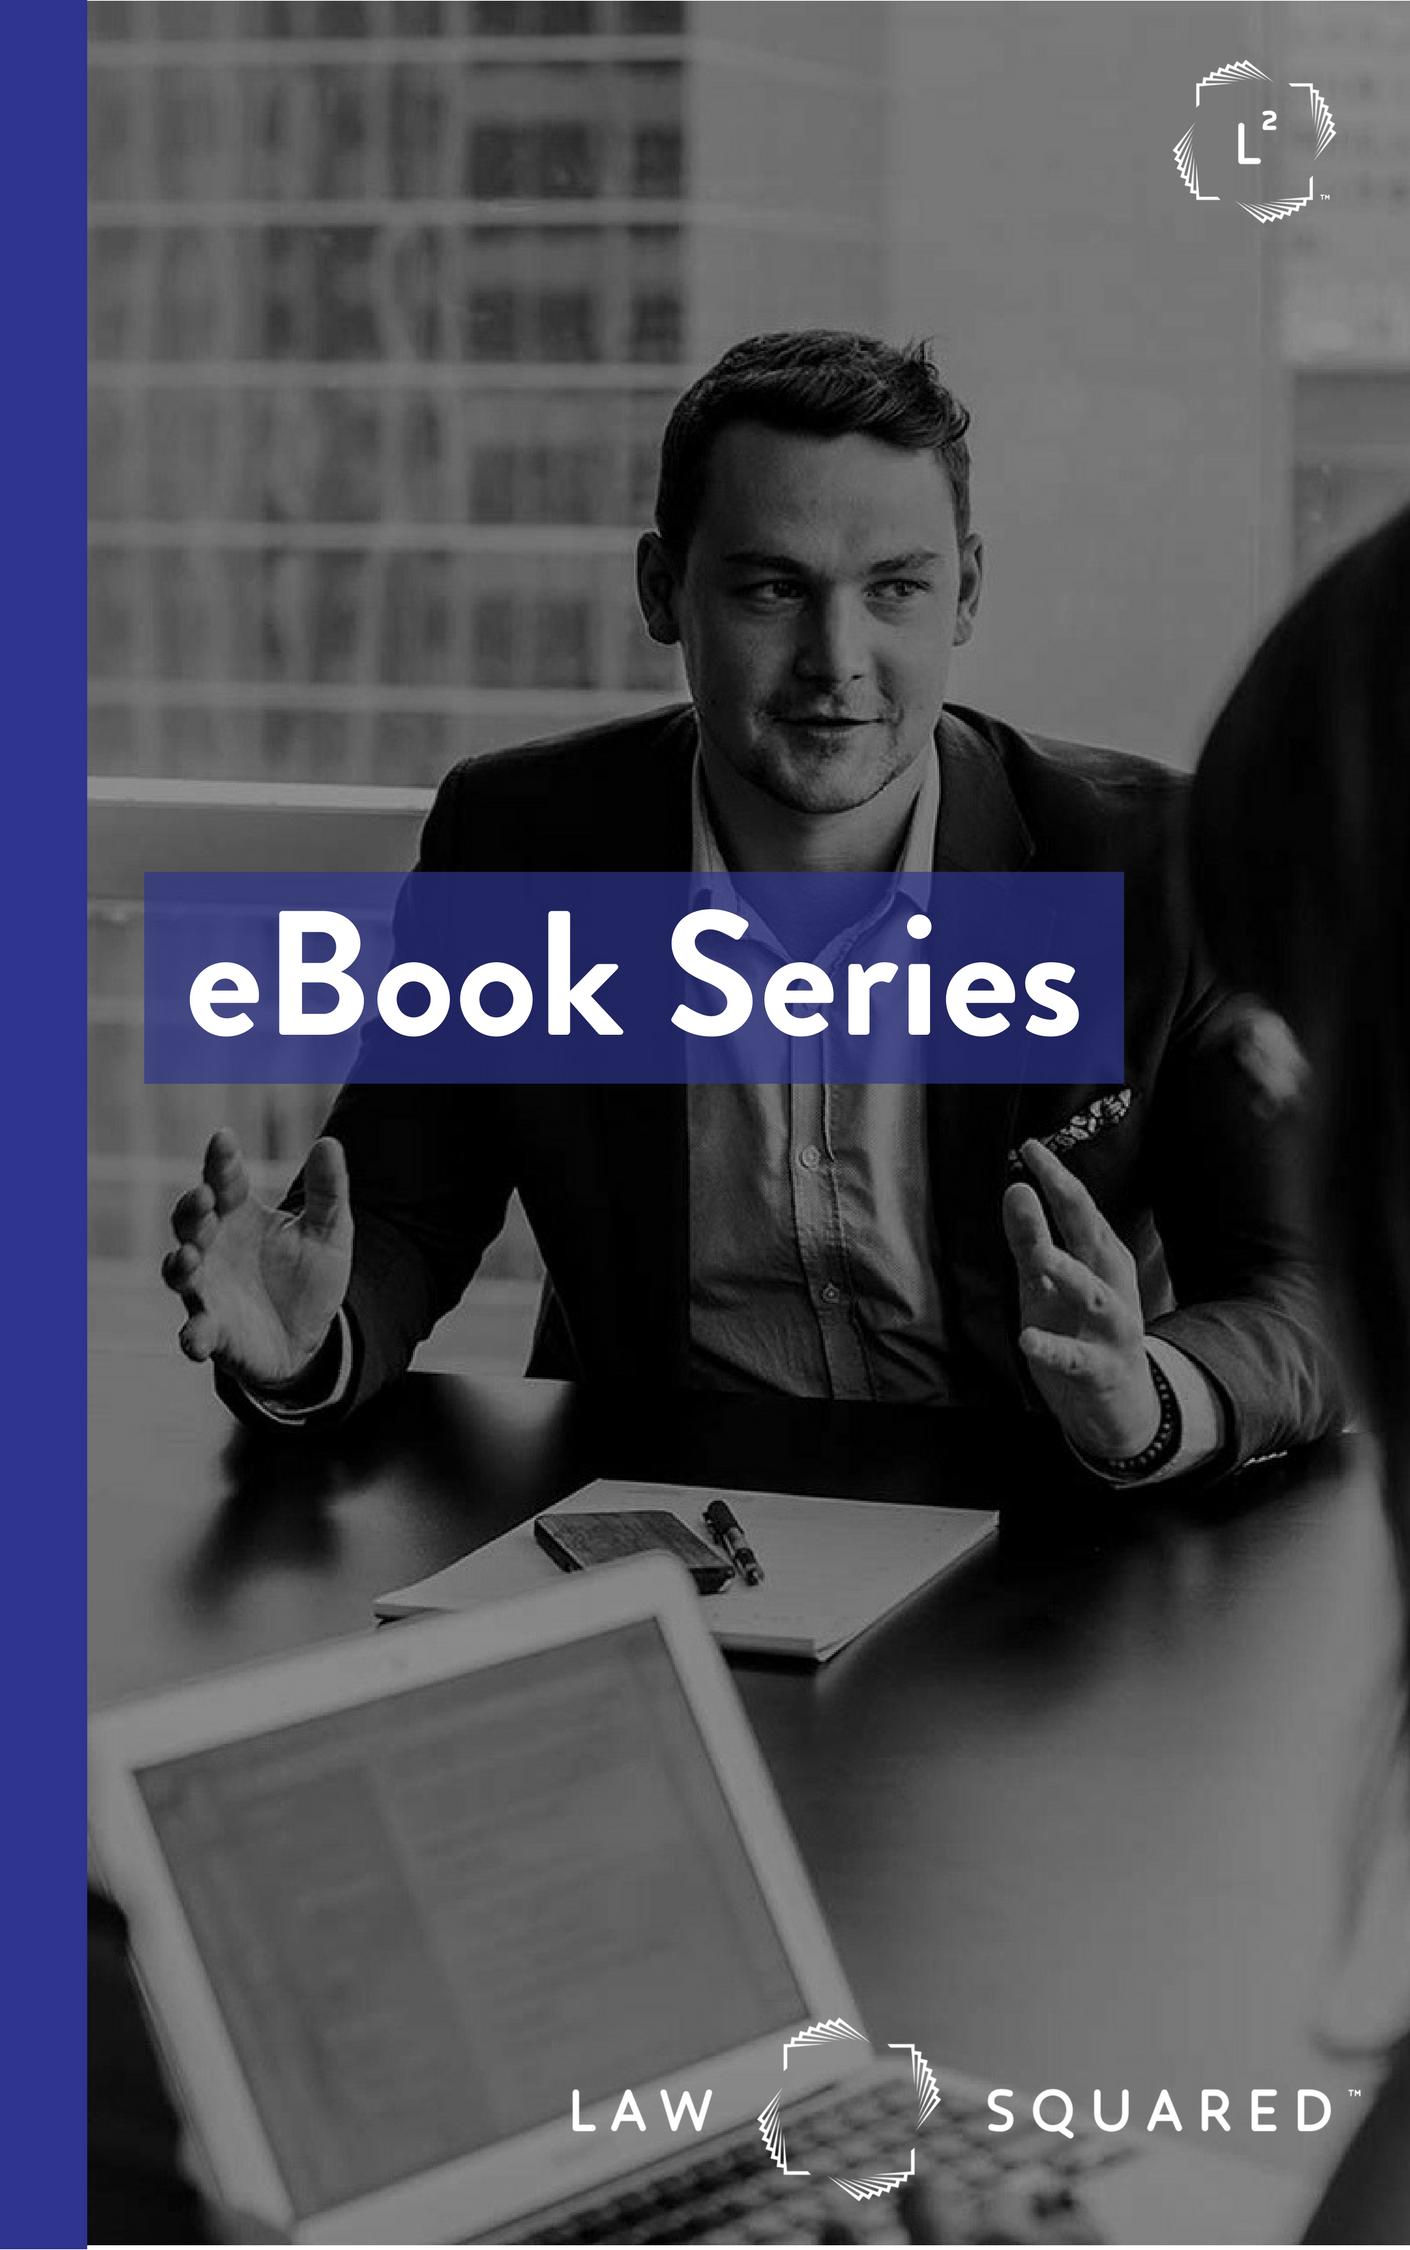 ebook-legal-lawyer-melbourne-sydney-brisbane-startup-entrepeneur